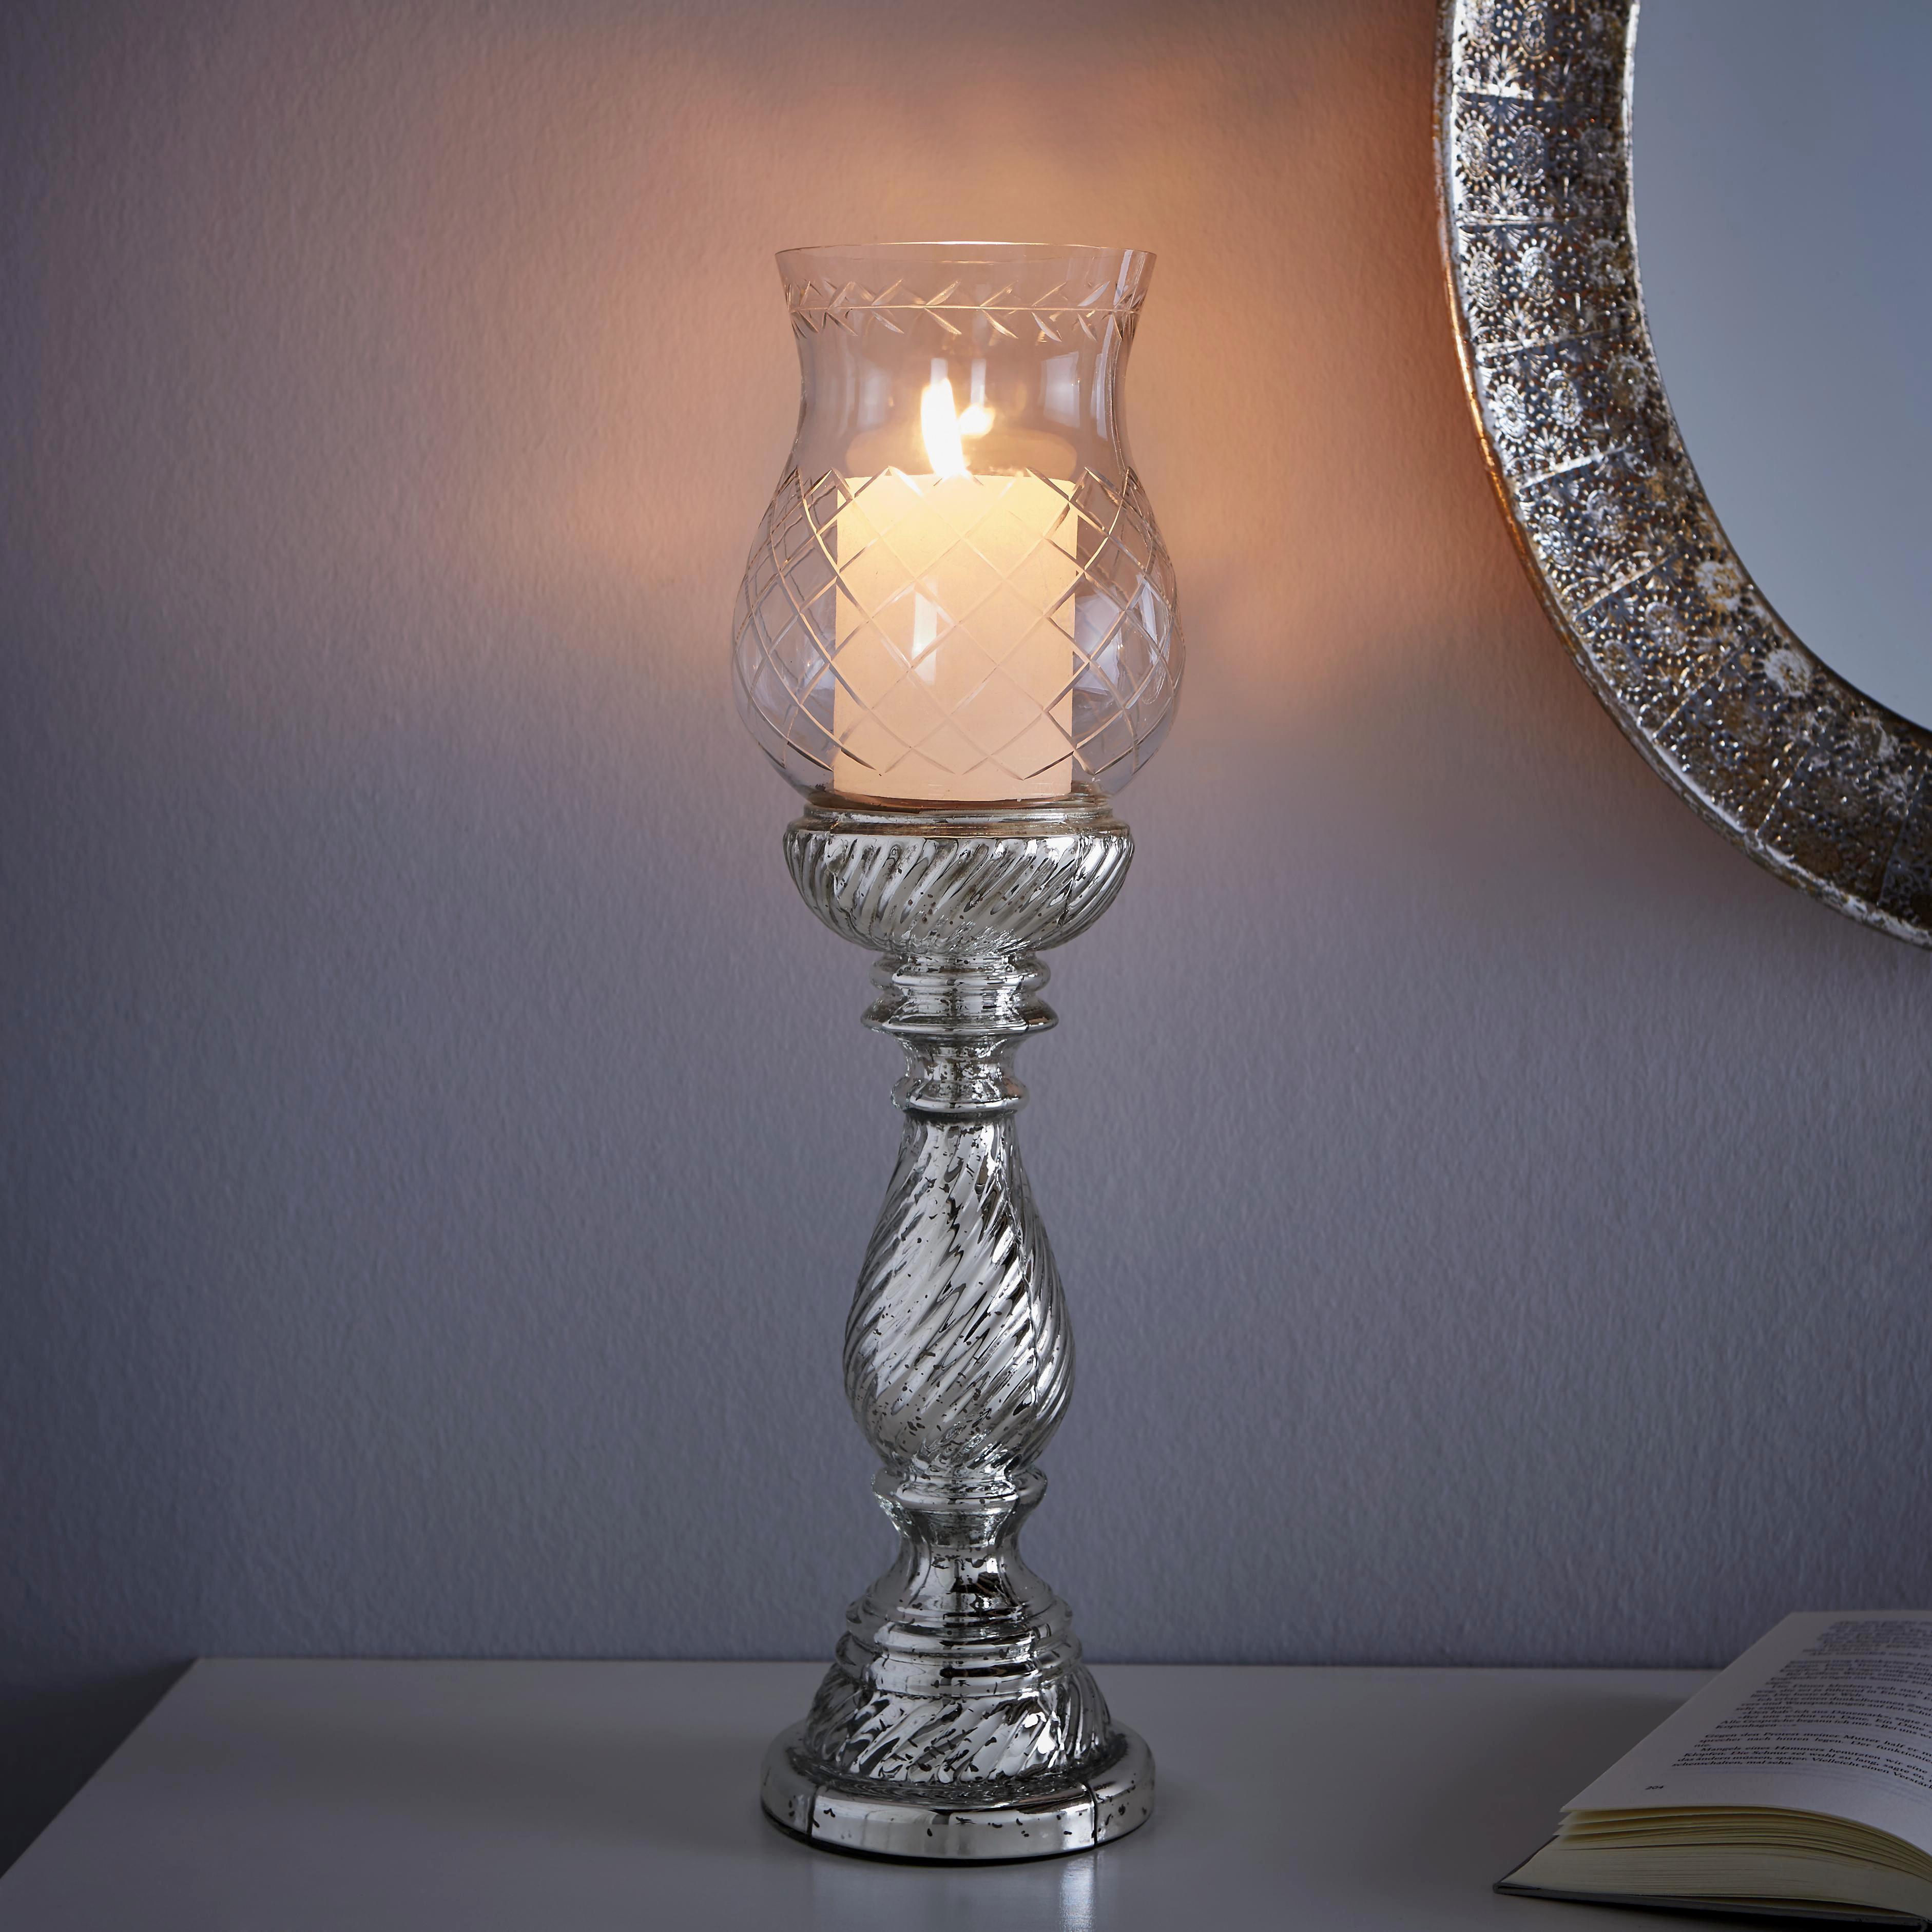 Kerzenhalter Charlott inkl. Glas - Klar/Silberfarben, KONVENTIONELL, Glas/Metall (13/46cm) - MÖMAX modern living